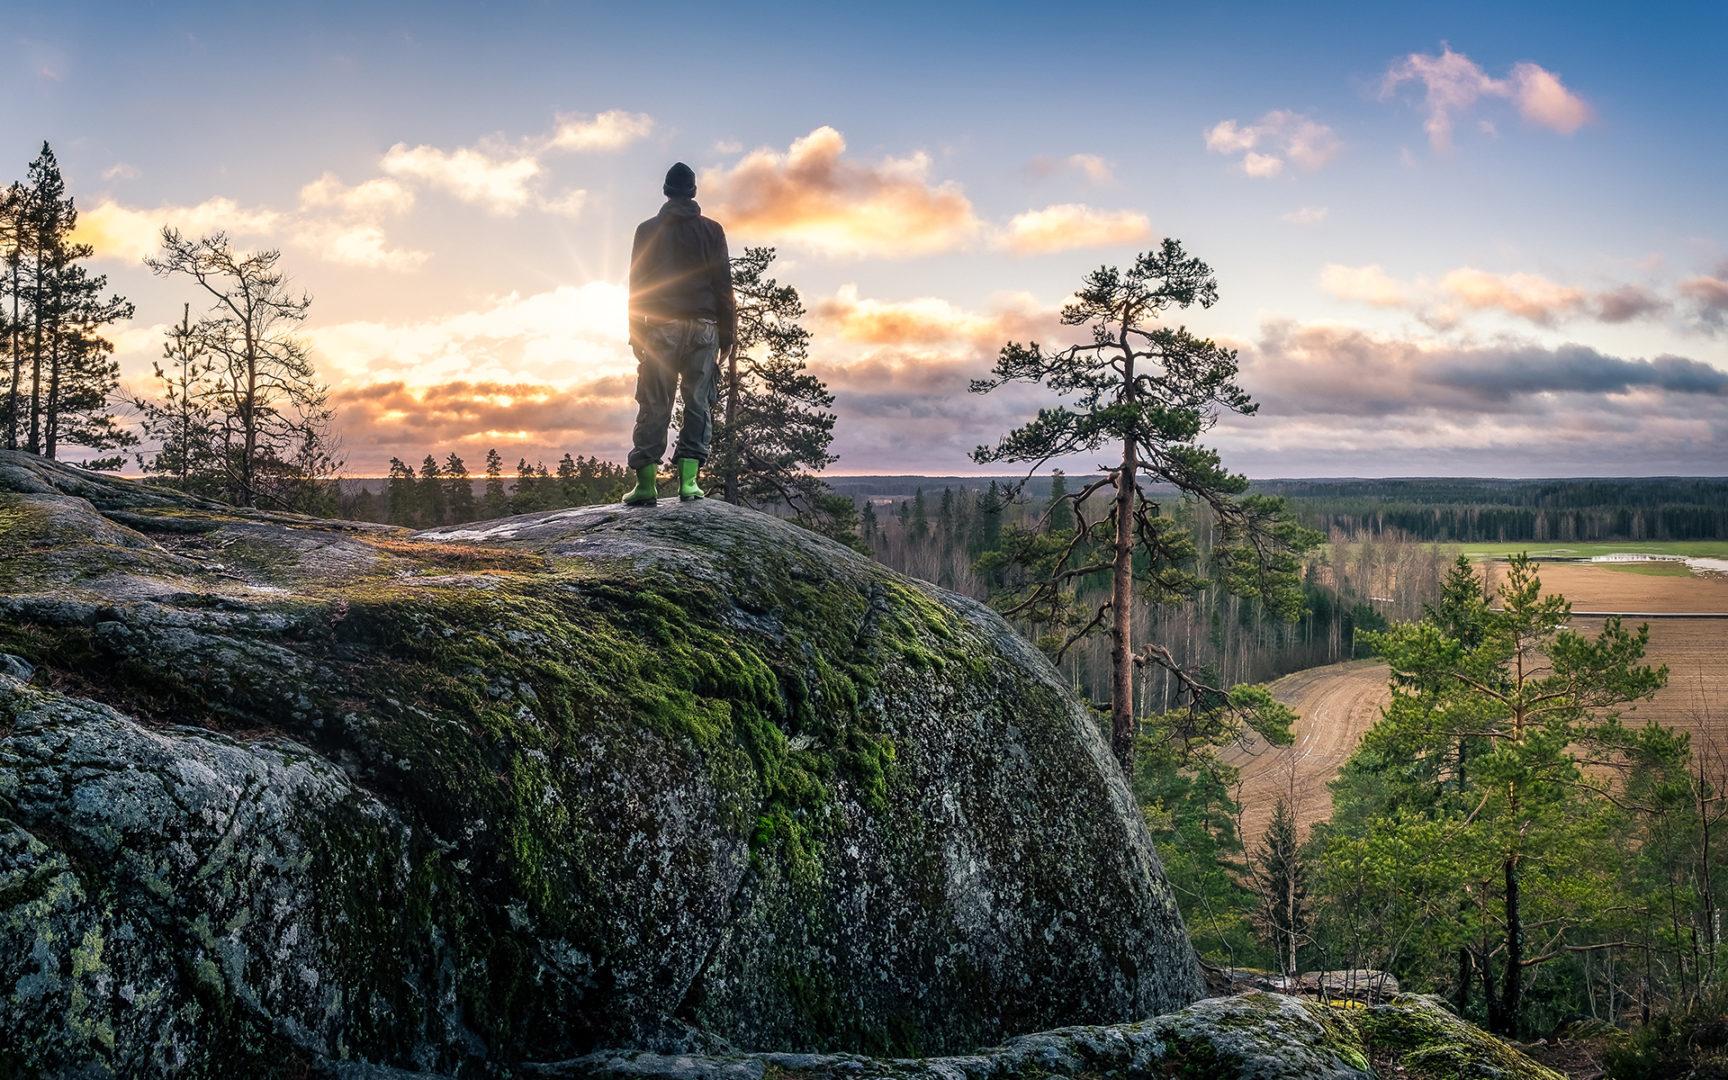 Luonto on meitä lähellä - Jere Malinen muistuttaa.